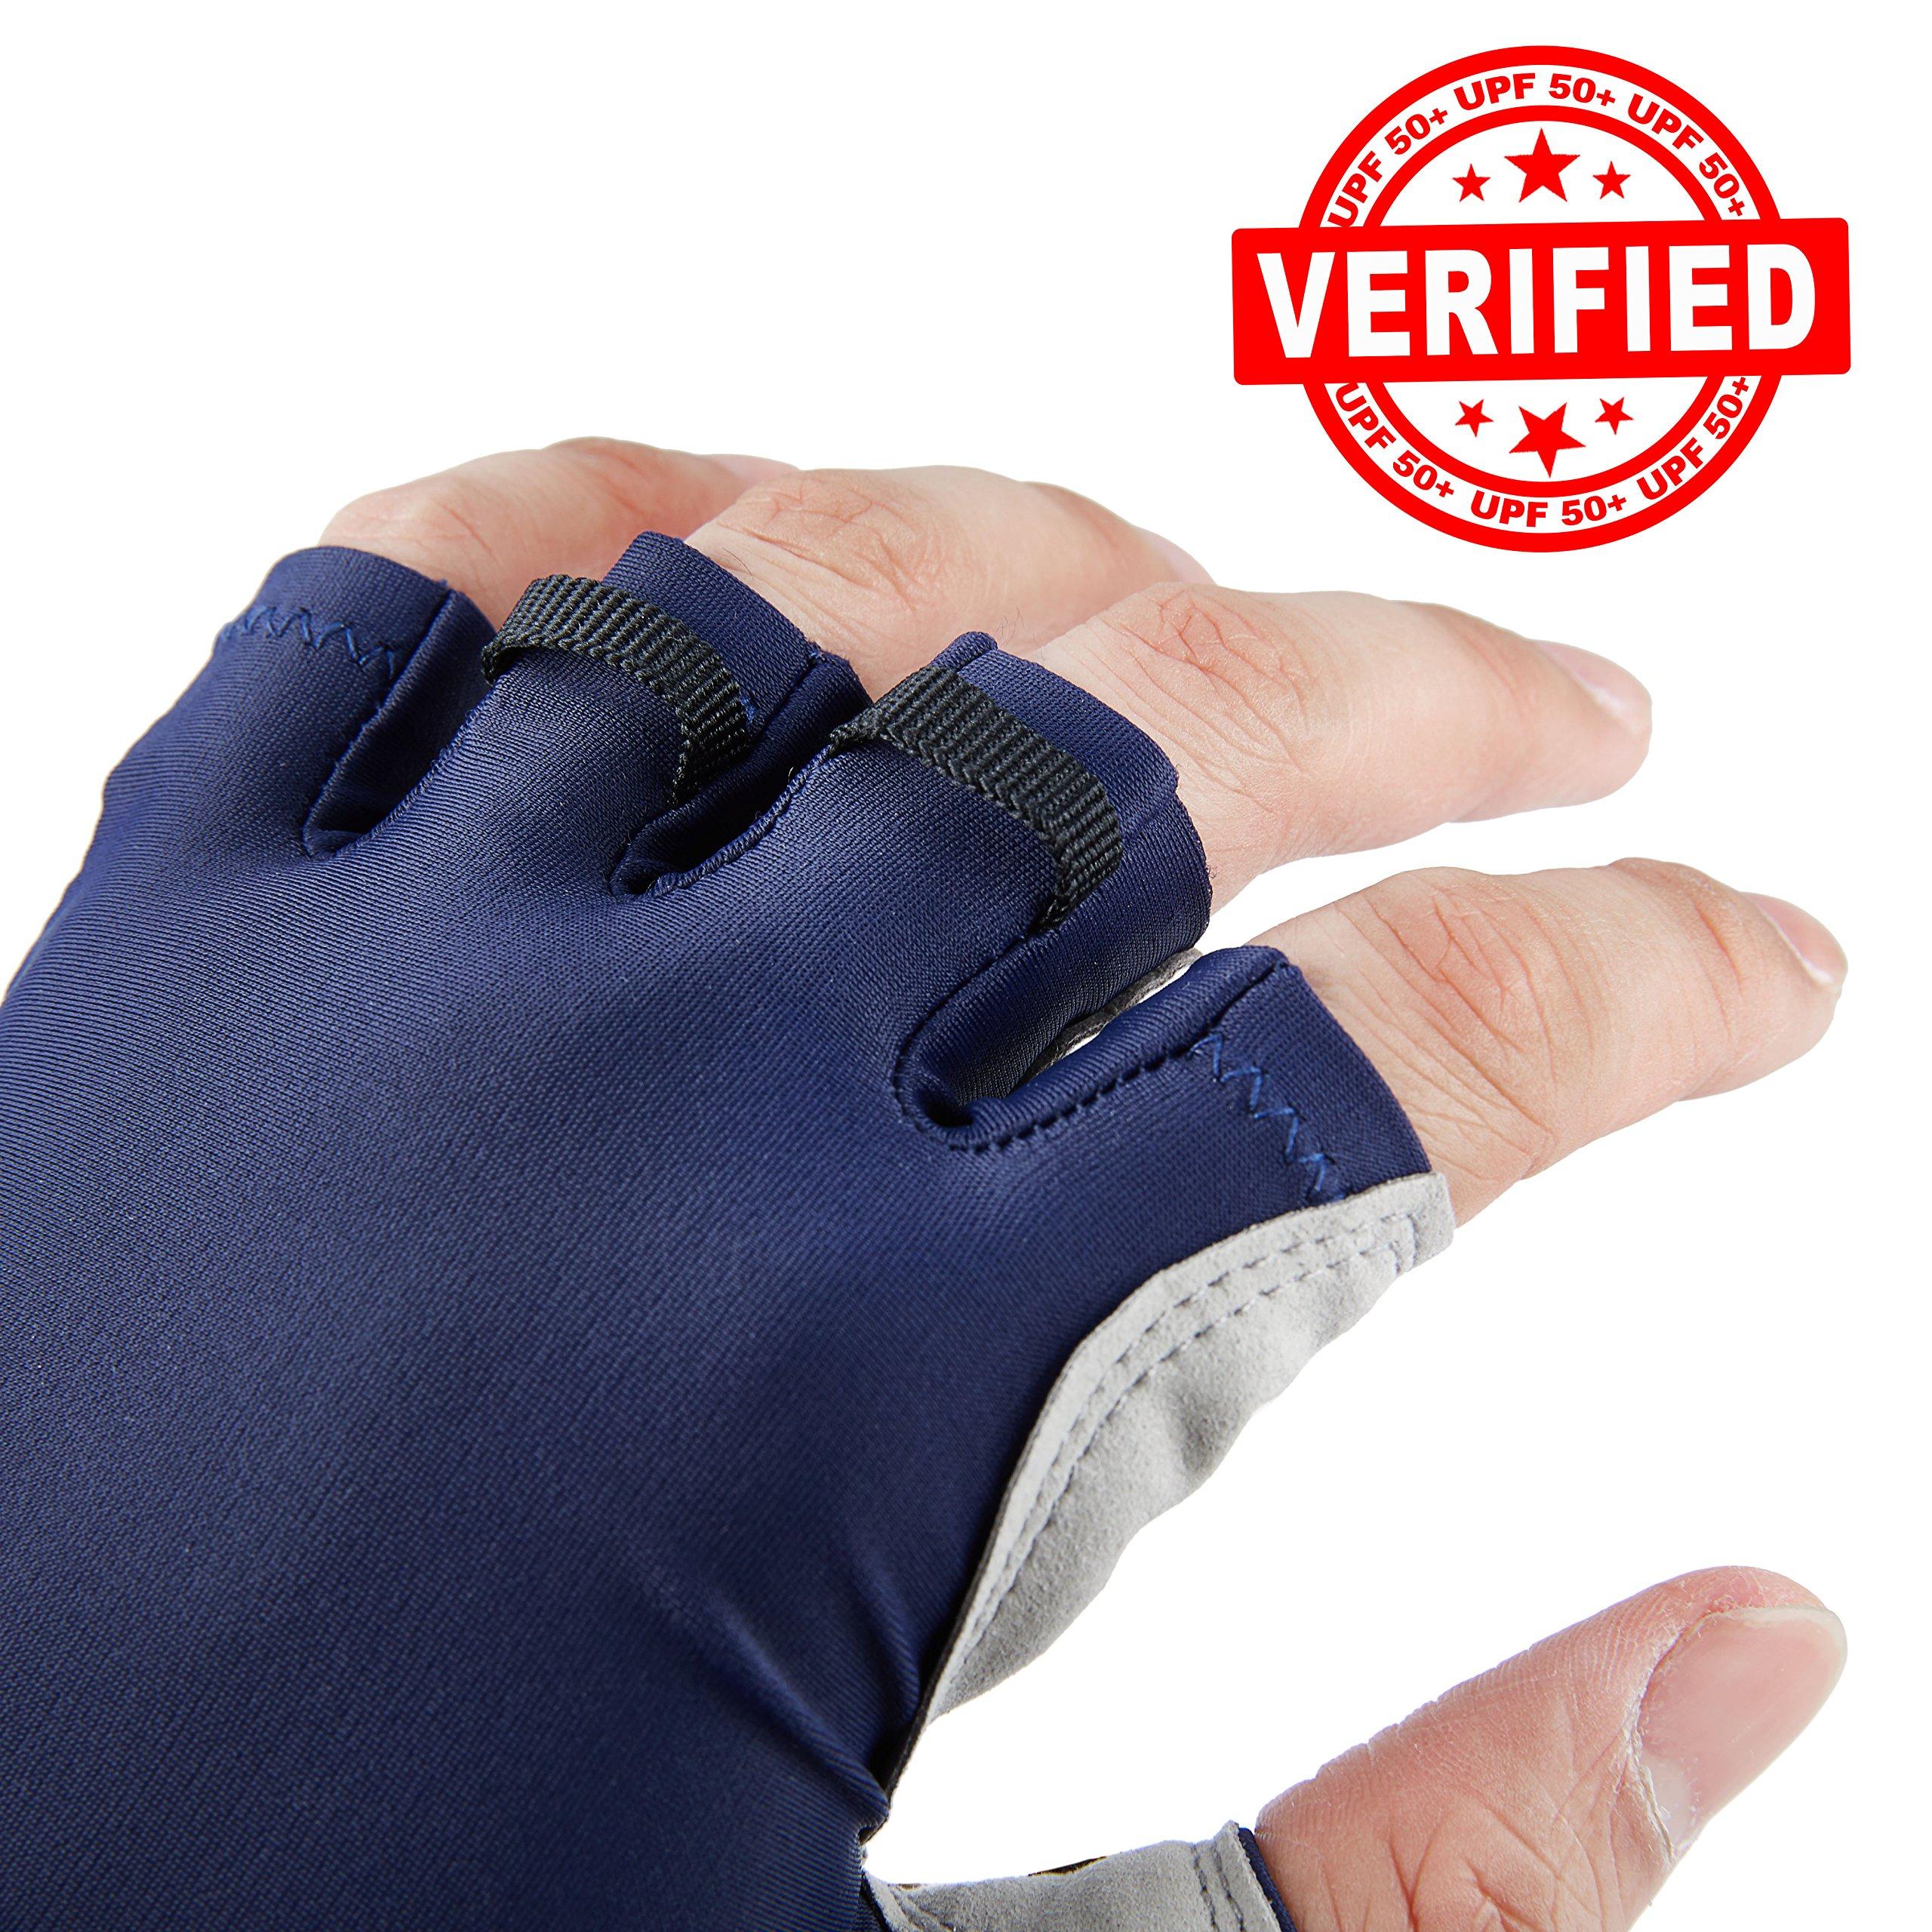 Fishing Gloves for Men /& Women Certified UPF 50 UV Sun Protection Half Finger